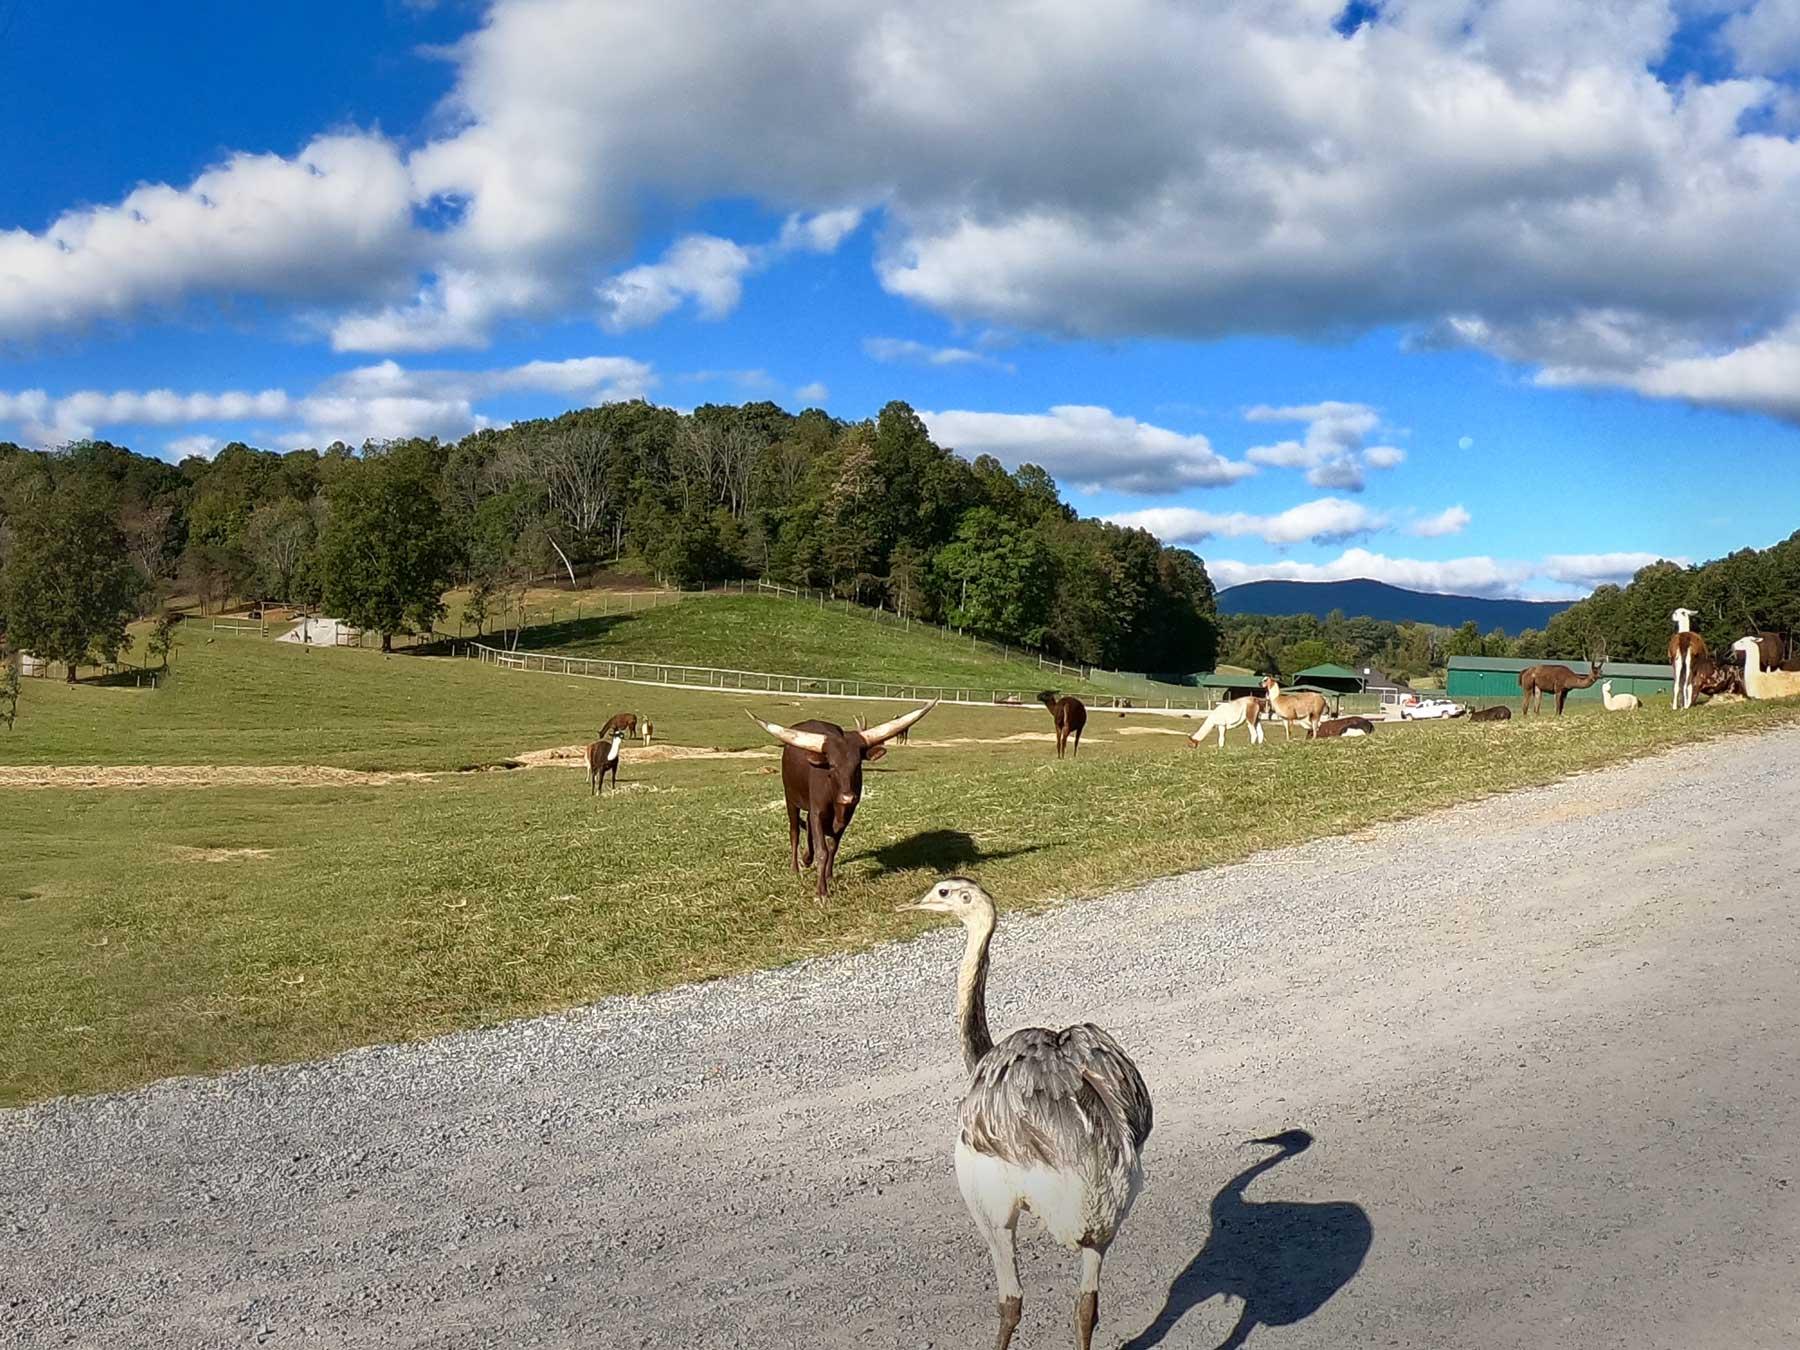 Safari drive view with animals at Virginia Safari Park, Natural Bridge, VA